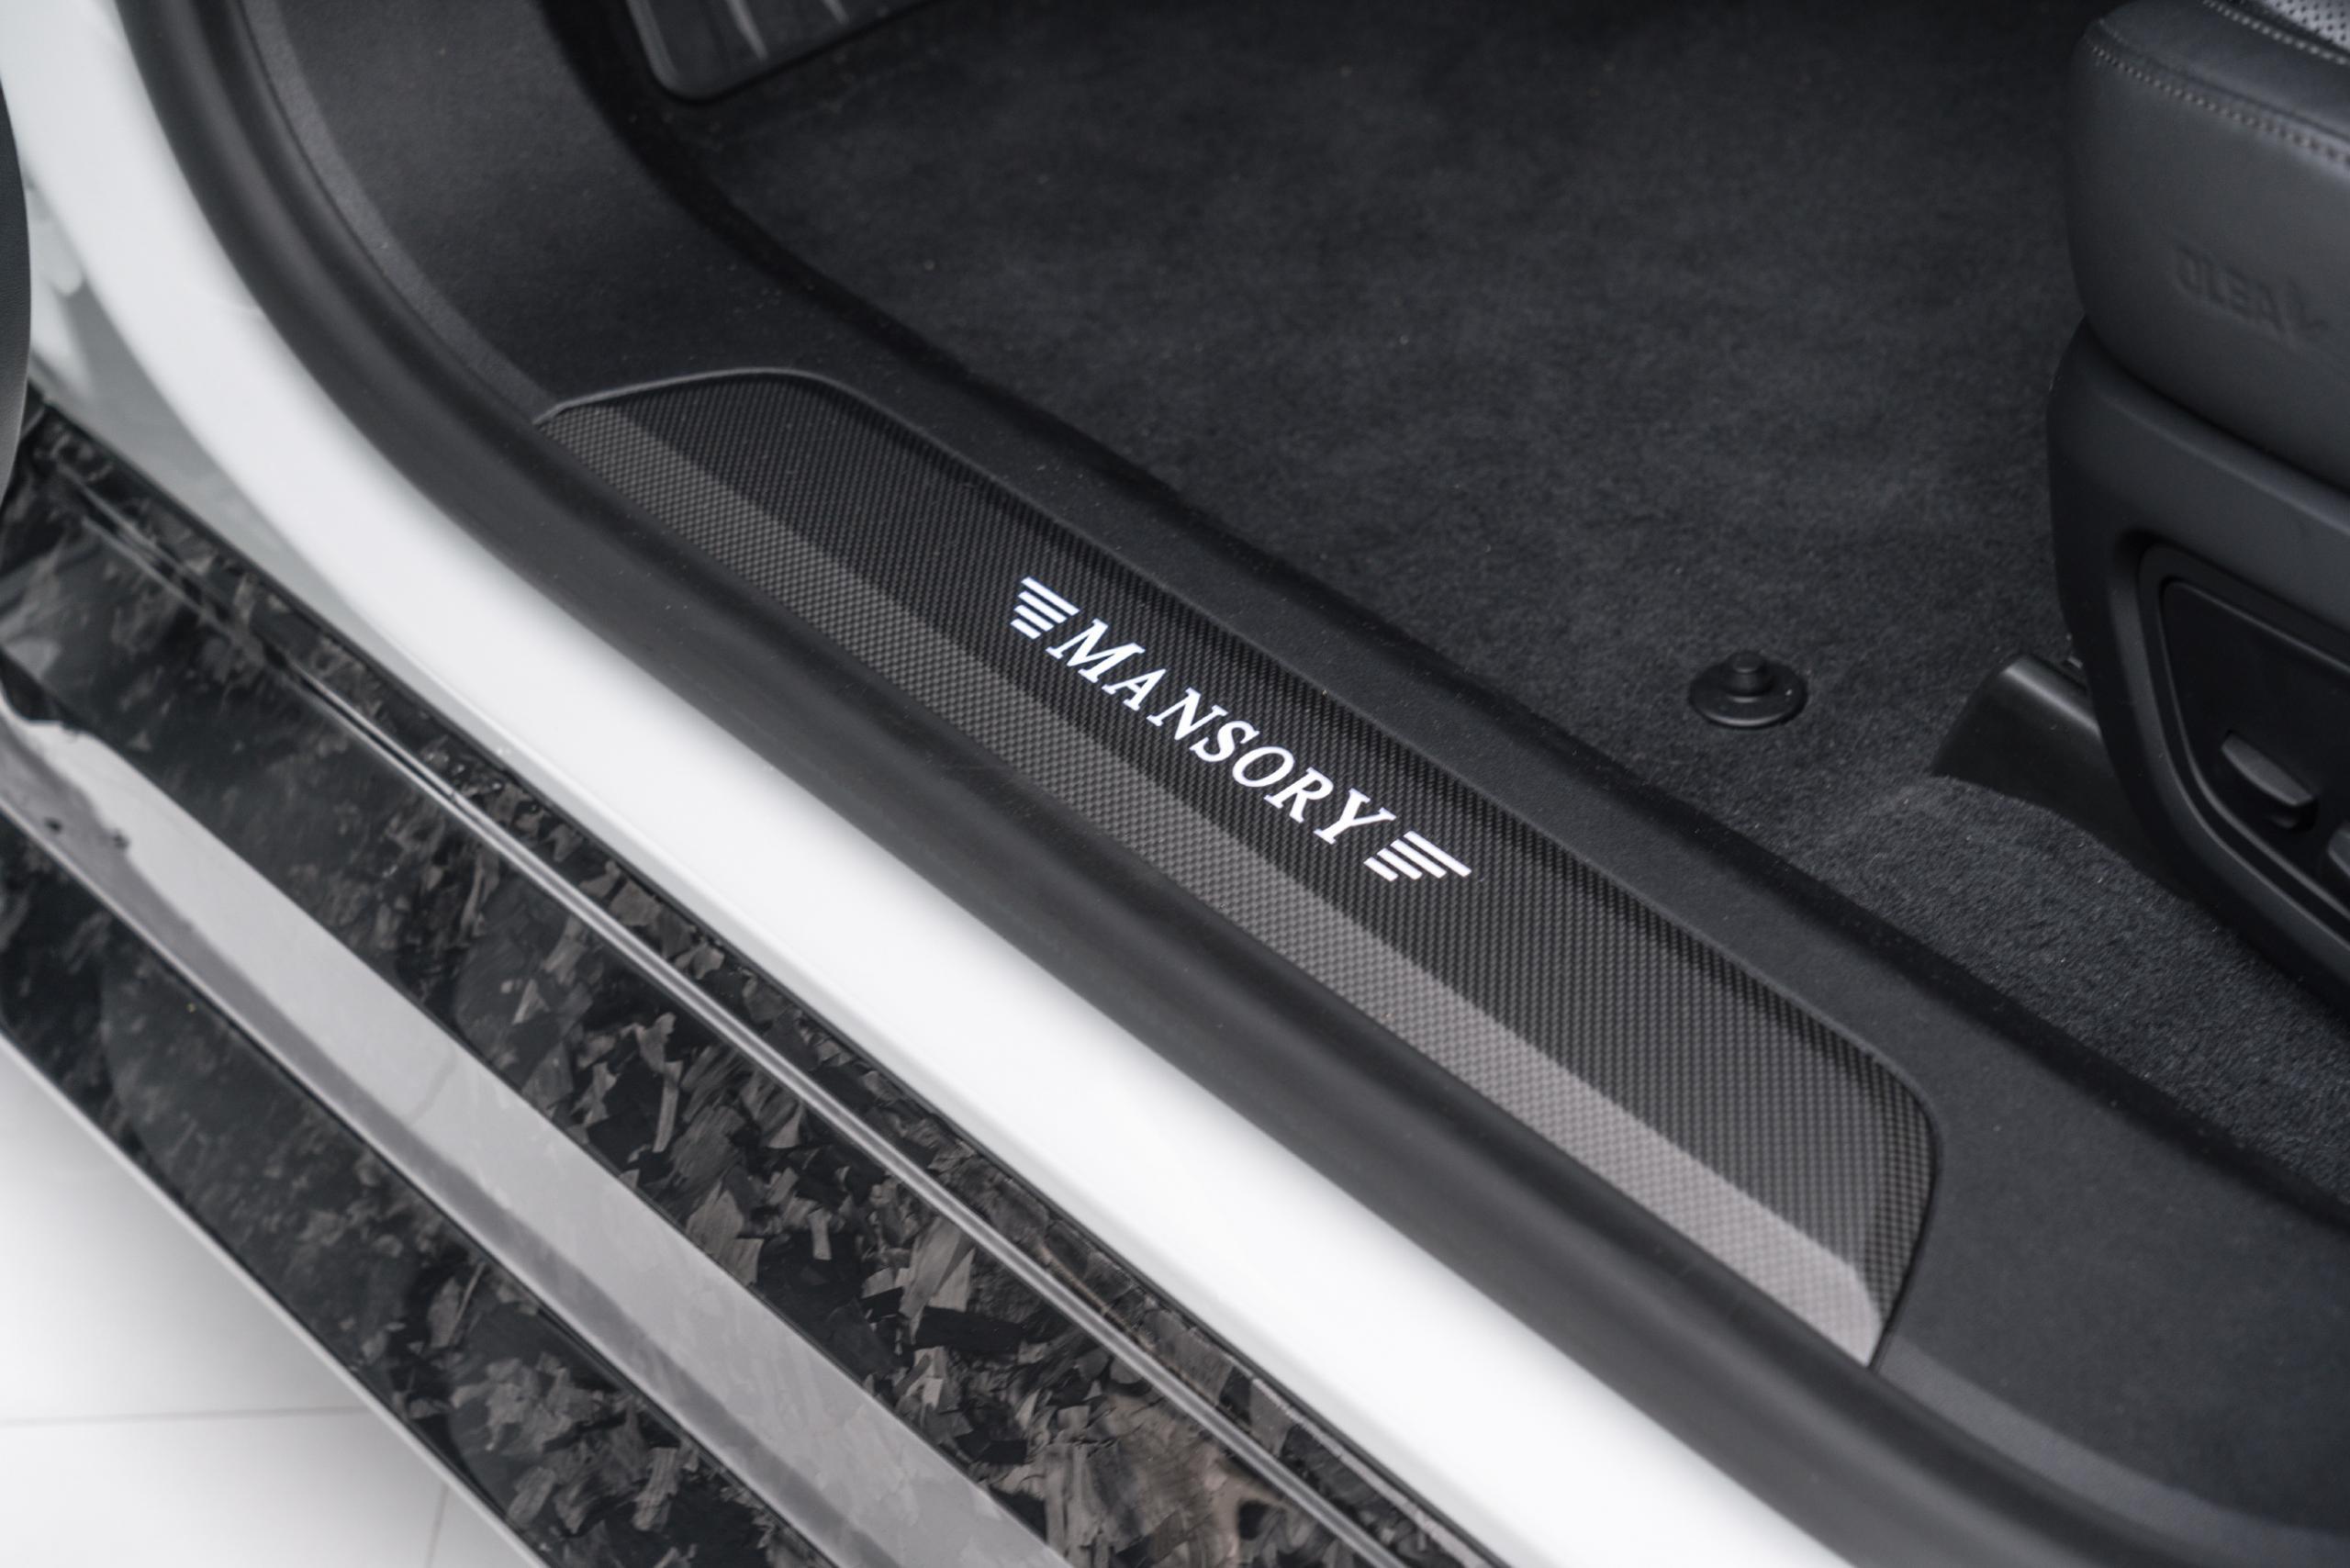 mansory porsche taycan carbon fiber body kit door sill 2020 2021